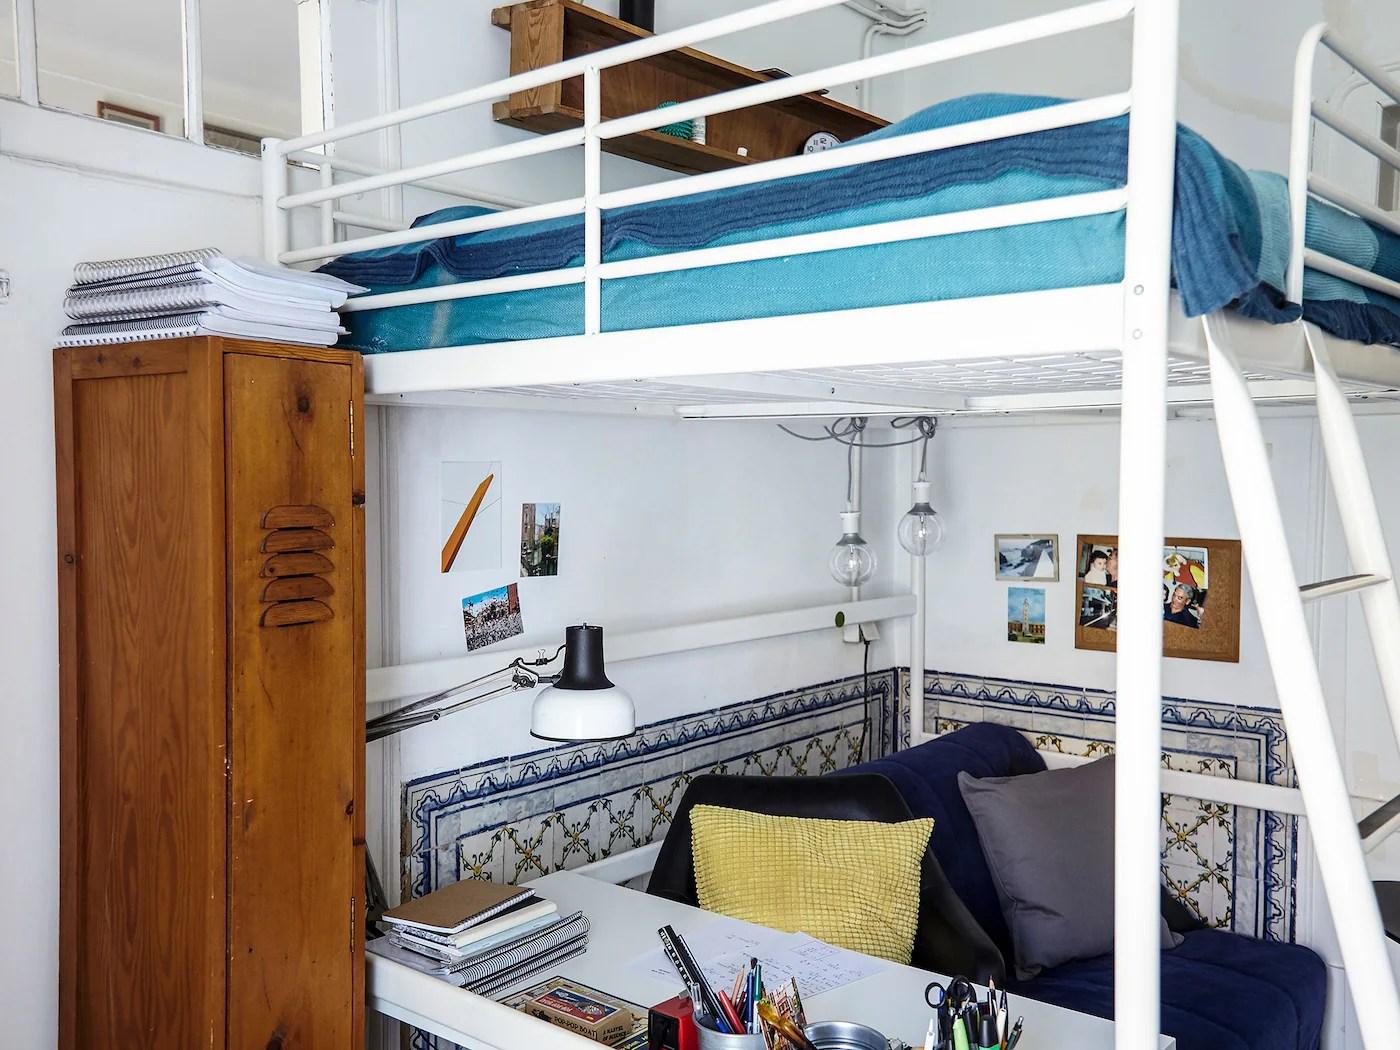 Download Ikea Loft Bed Decorating Ideas Pics